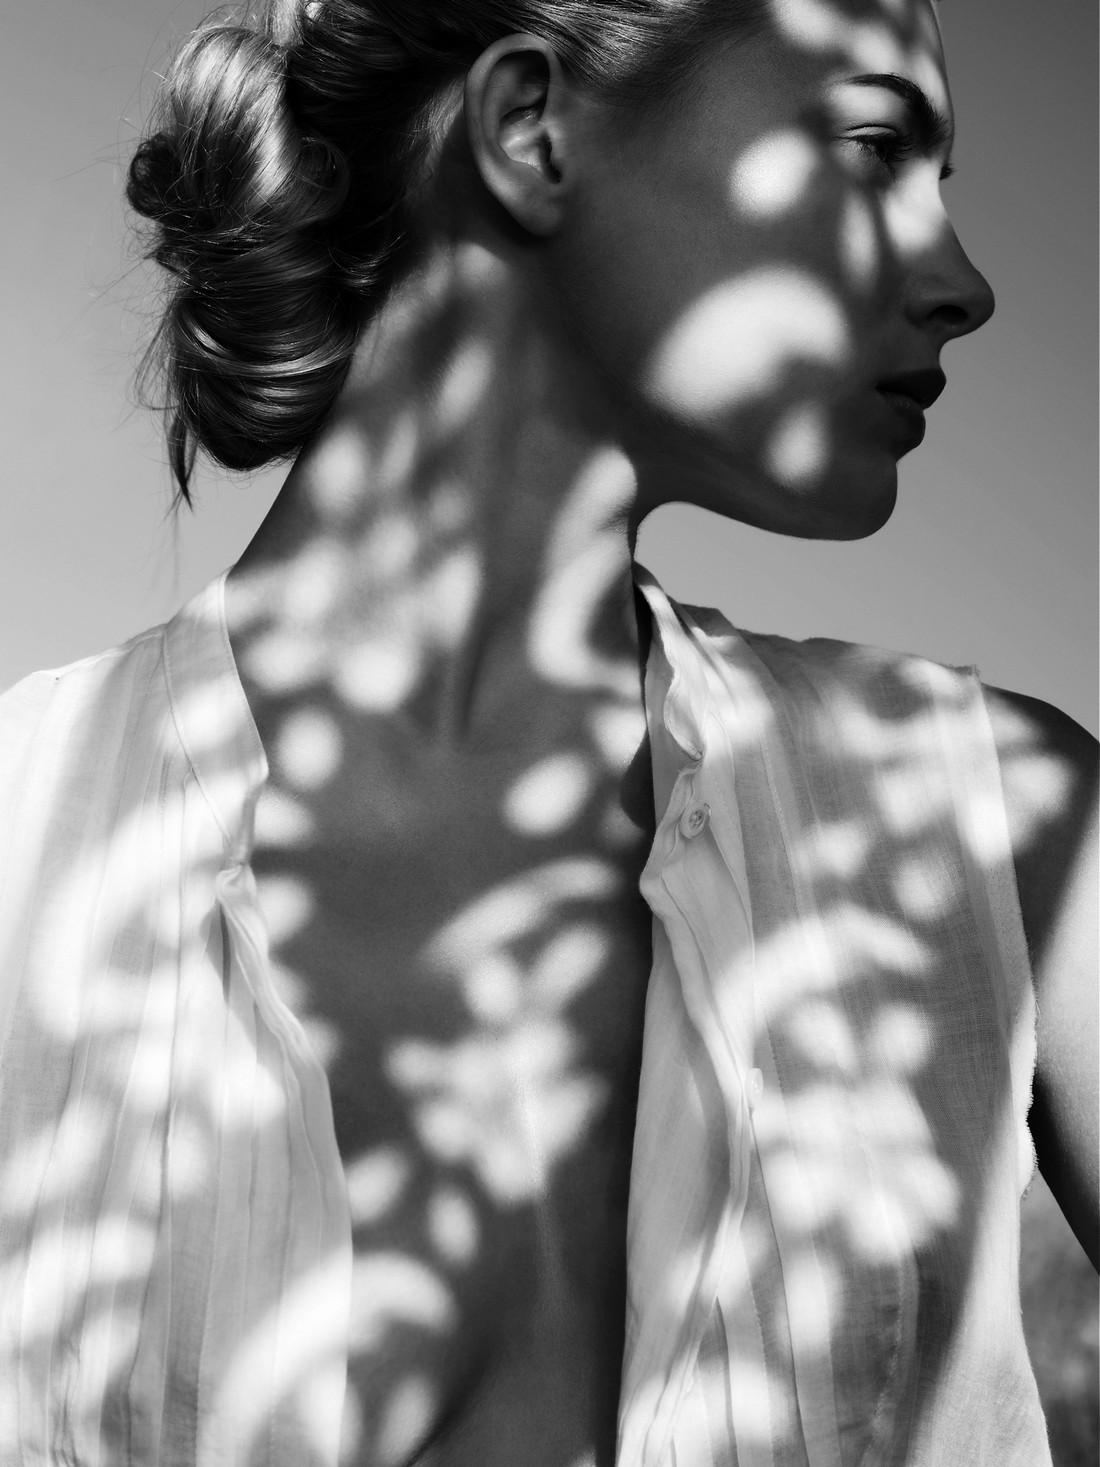 Чувственные снимки девушек от Андреа Варани